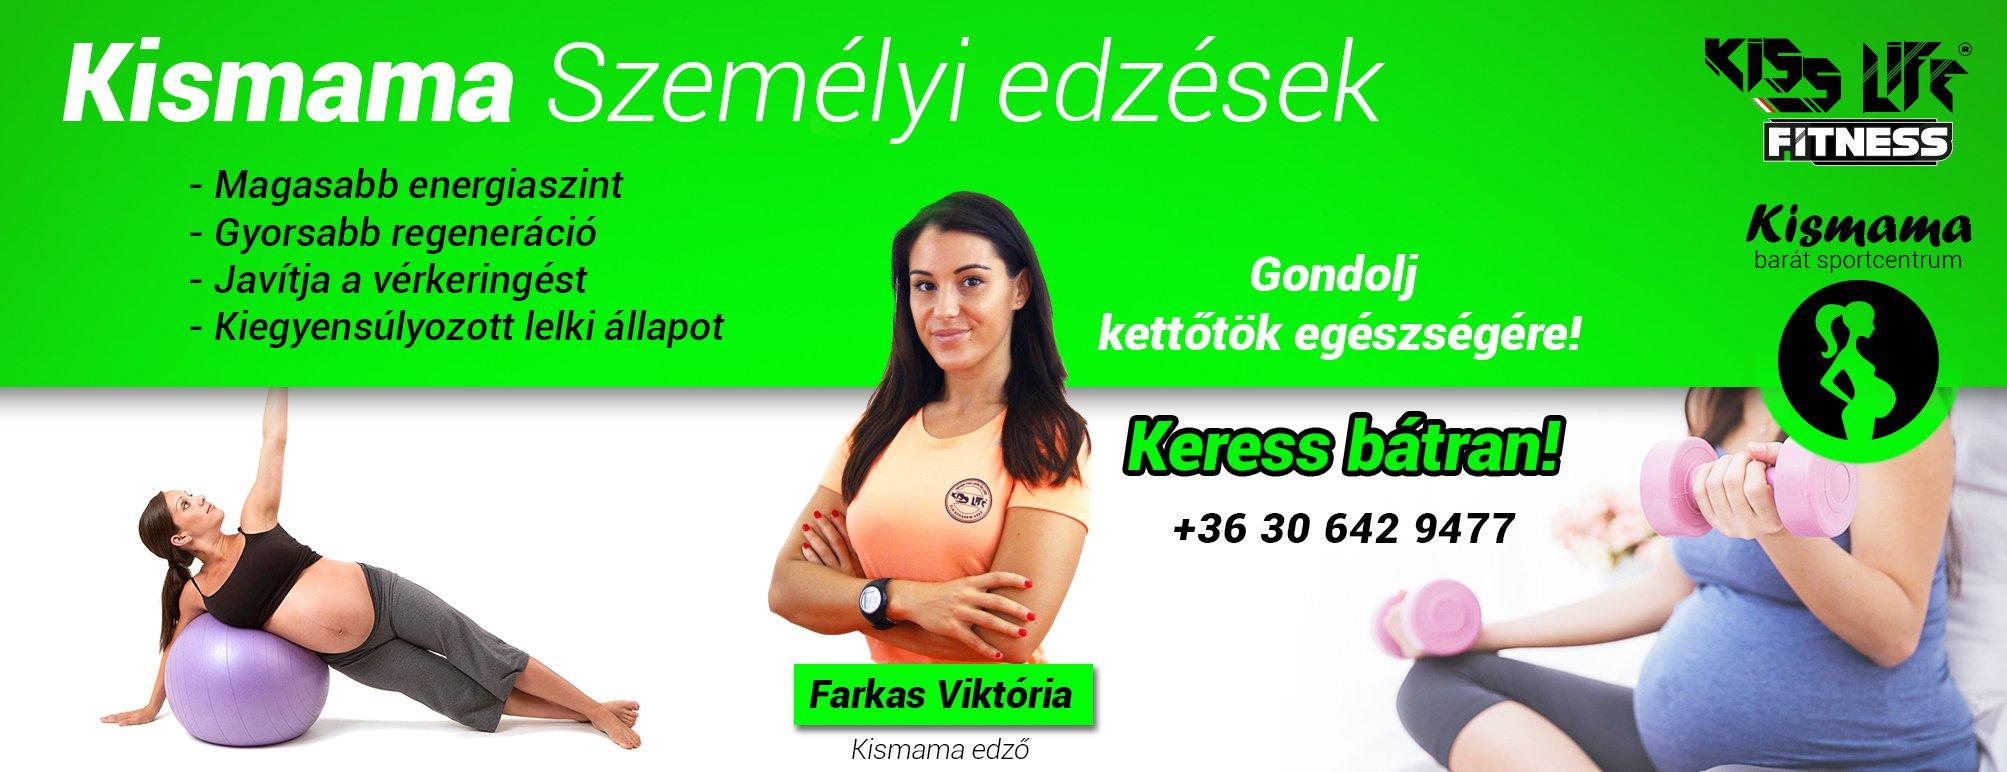 edzőterem, fitness terem, KissLife Gym - testépítés Budapesten